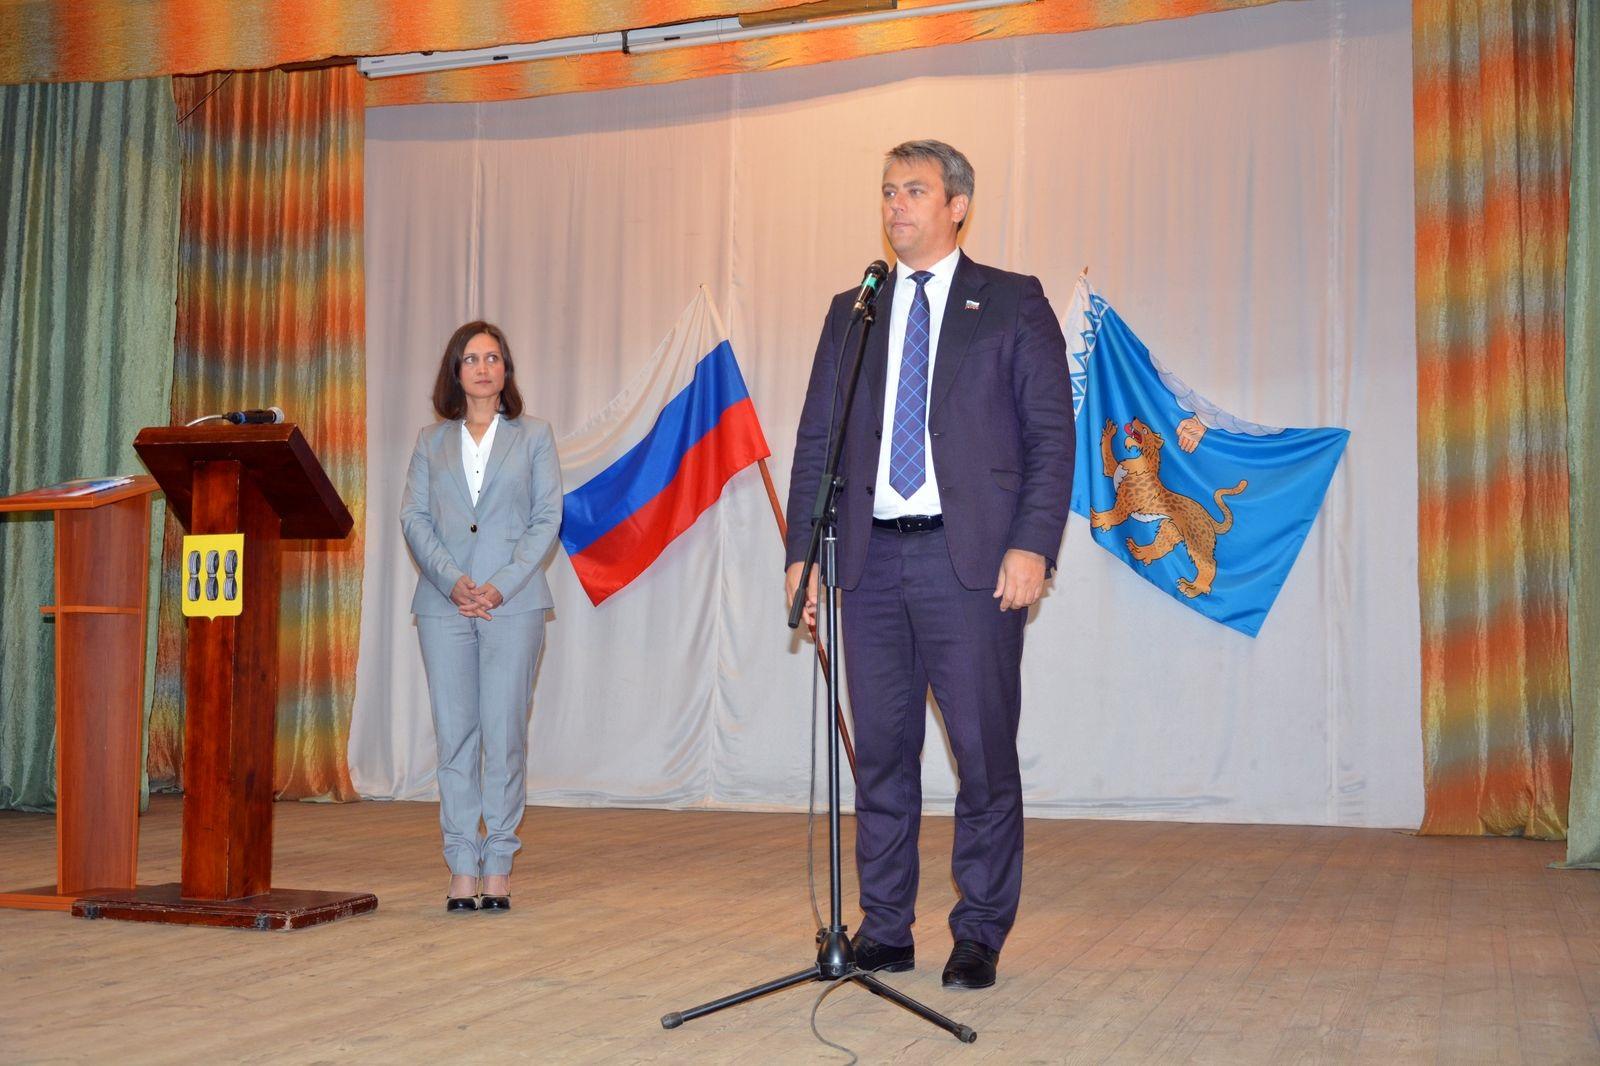 Инаугурация главы муниципалитета прошла в Новоржевском районе